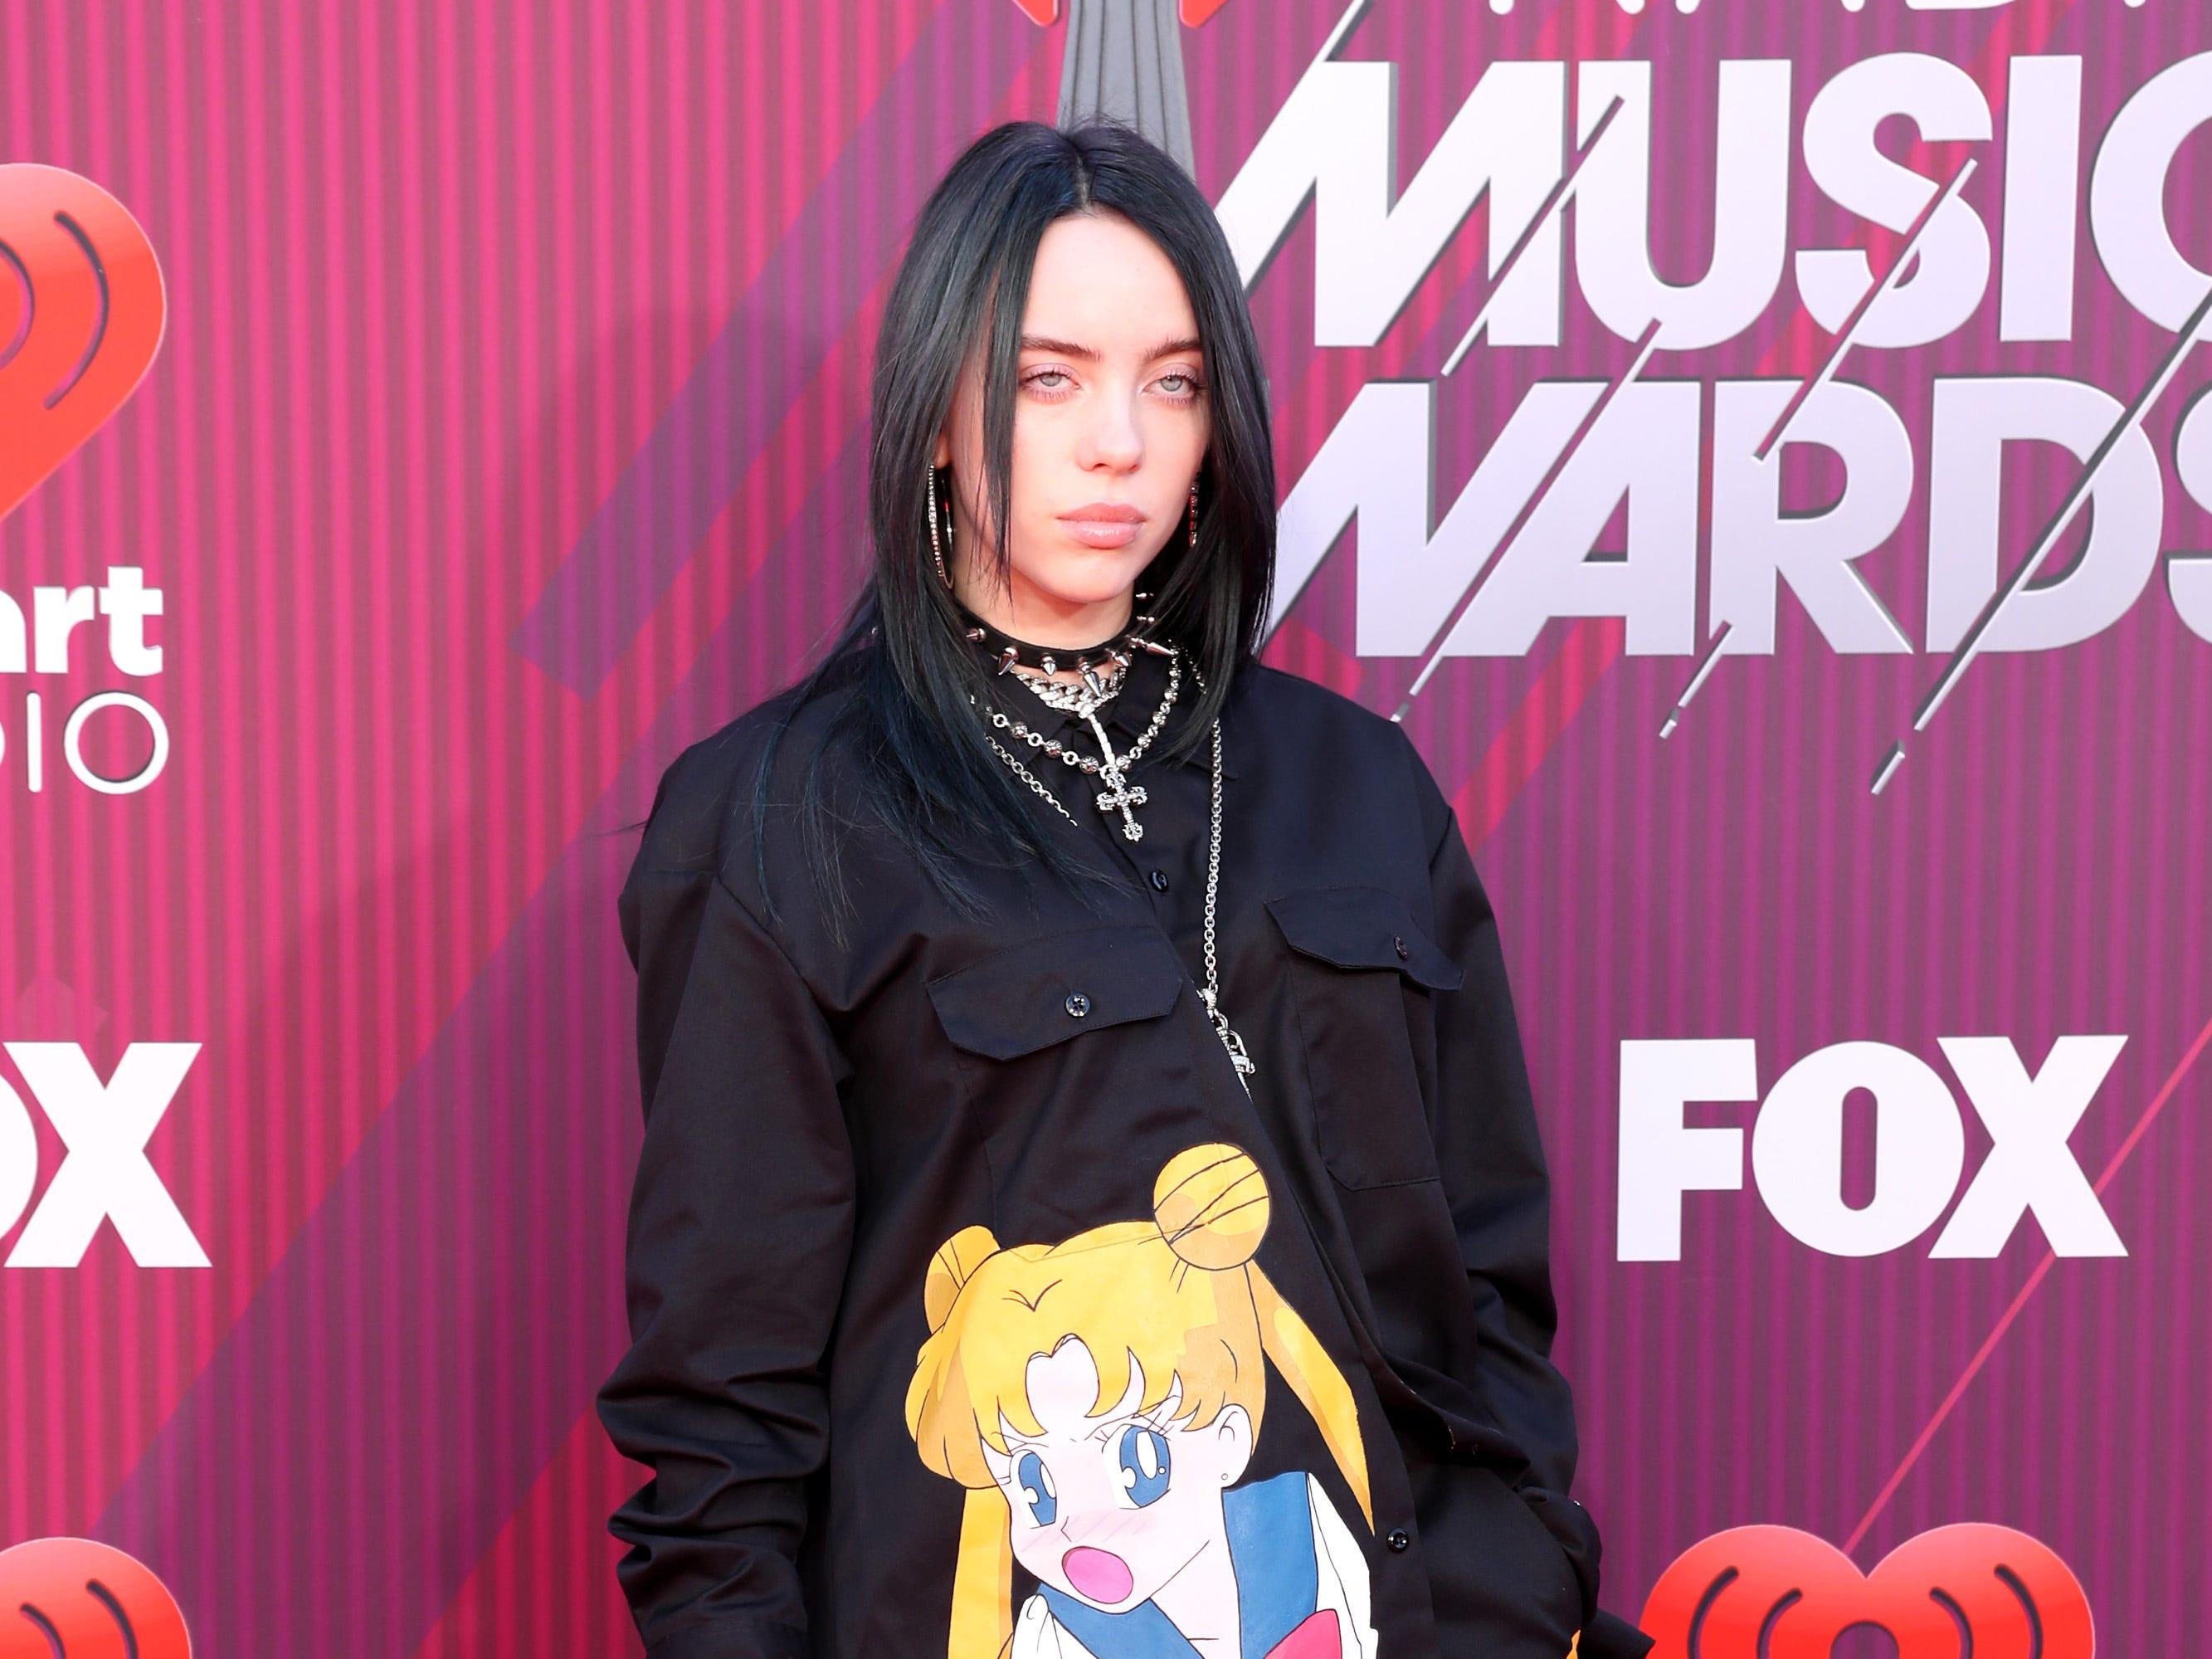 Billie Eilish a su llegada a los premios iHeart Radio Music Awards en 2019 el 14 de marzo de 2019 en Los Angeles, California.